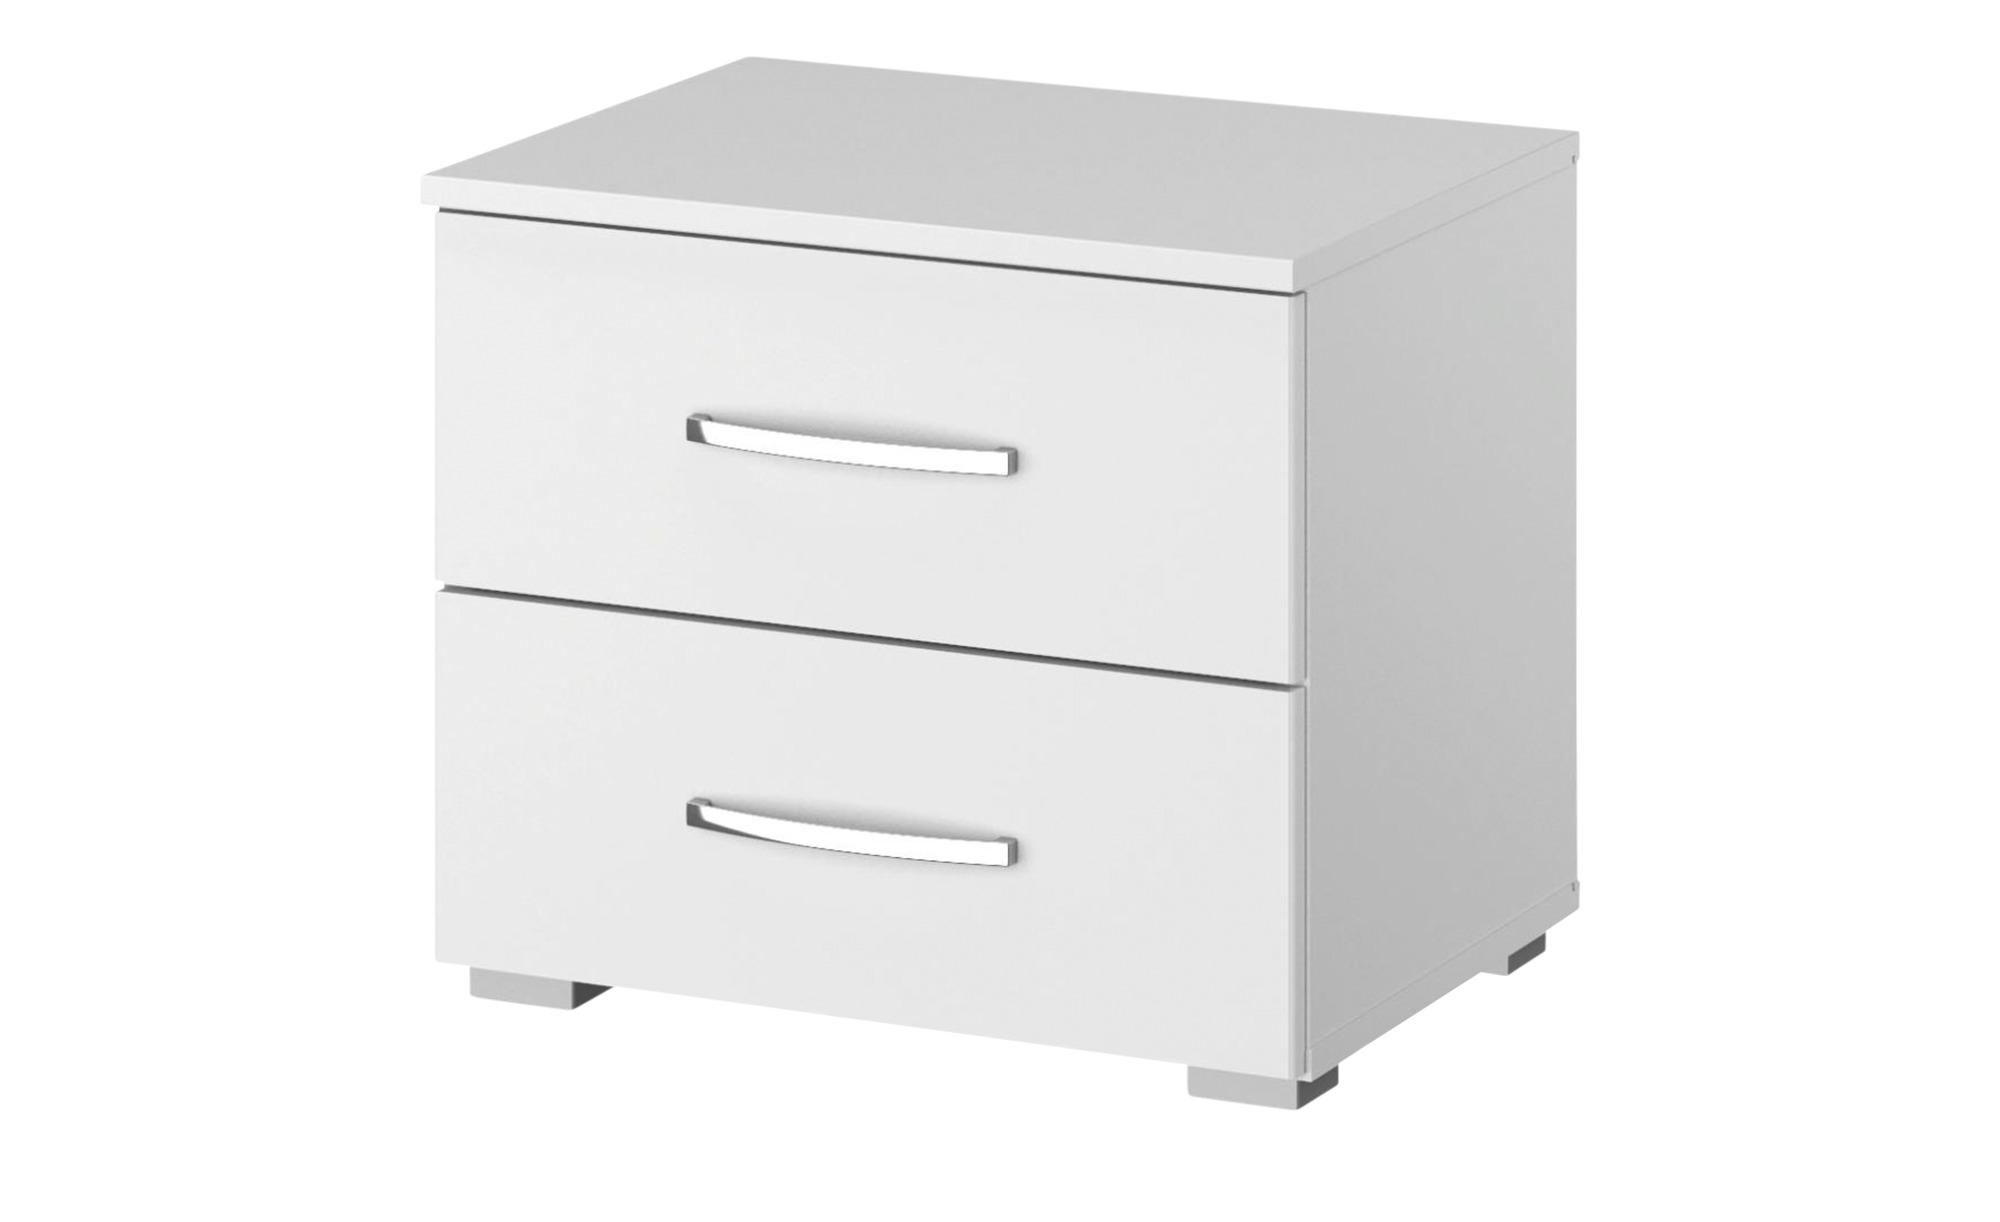 Nachttisch  Aditio - weiß - 47 cm - 43 cm - 42 cm - Sconto   Schlafzimmer > Nachttische   Sconto